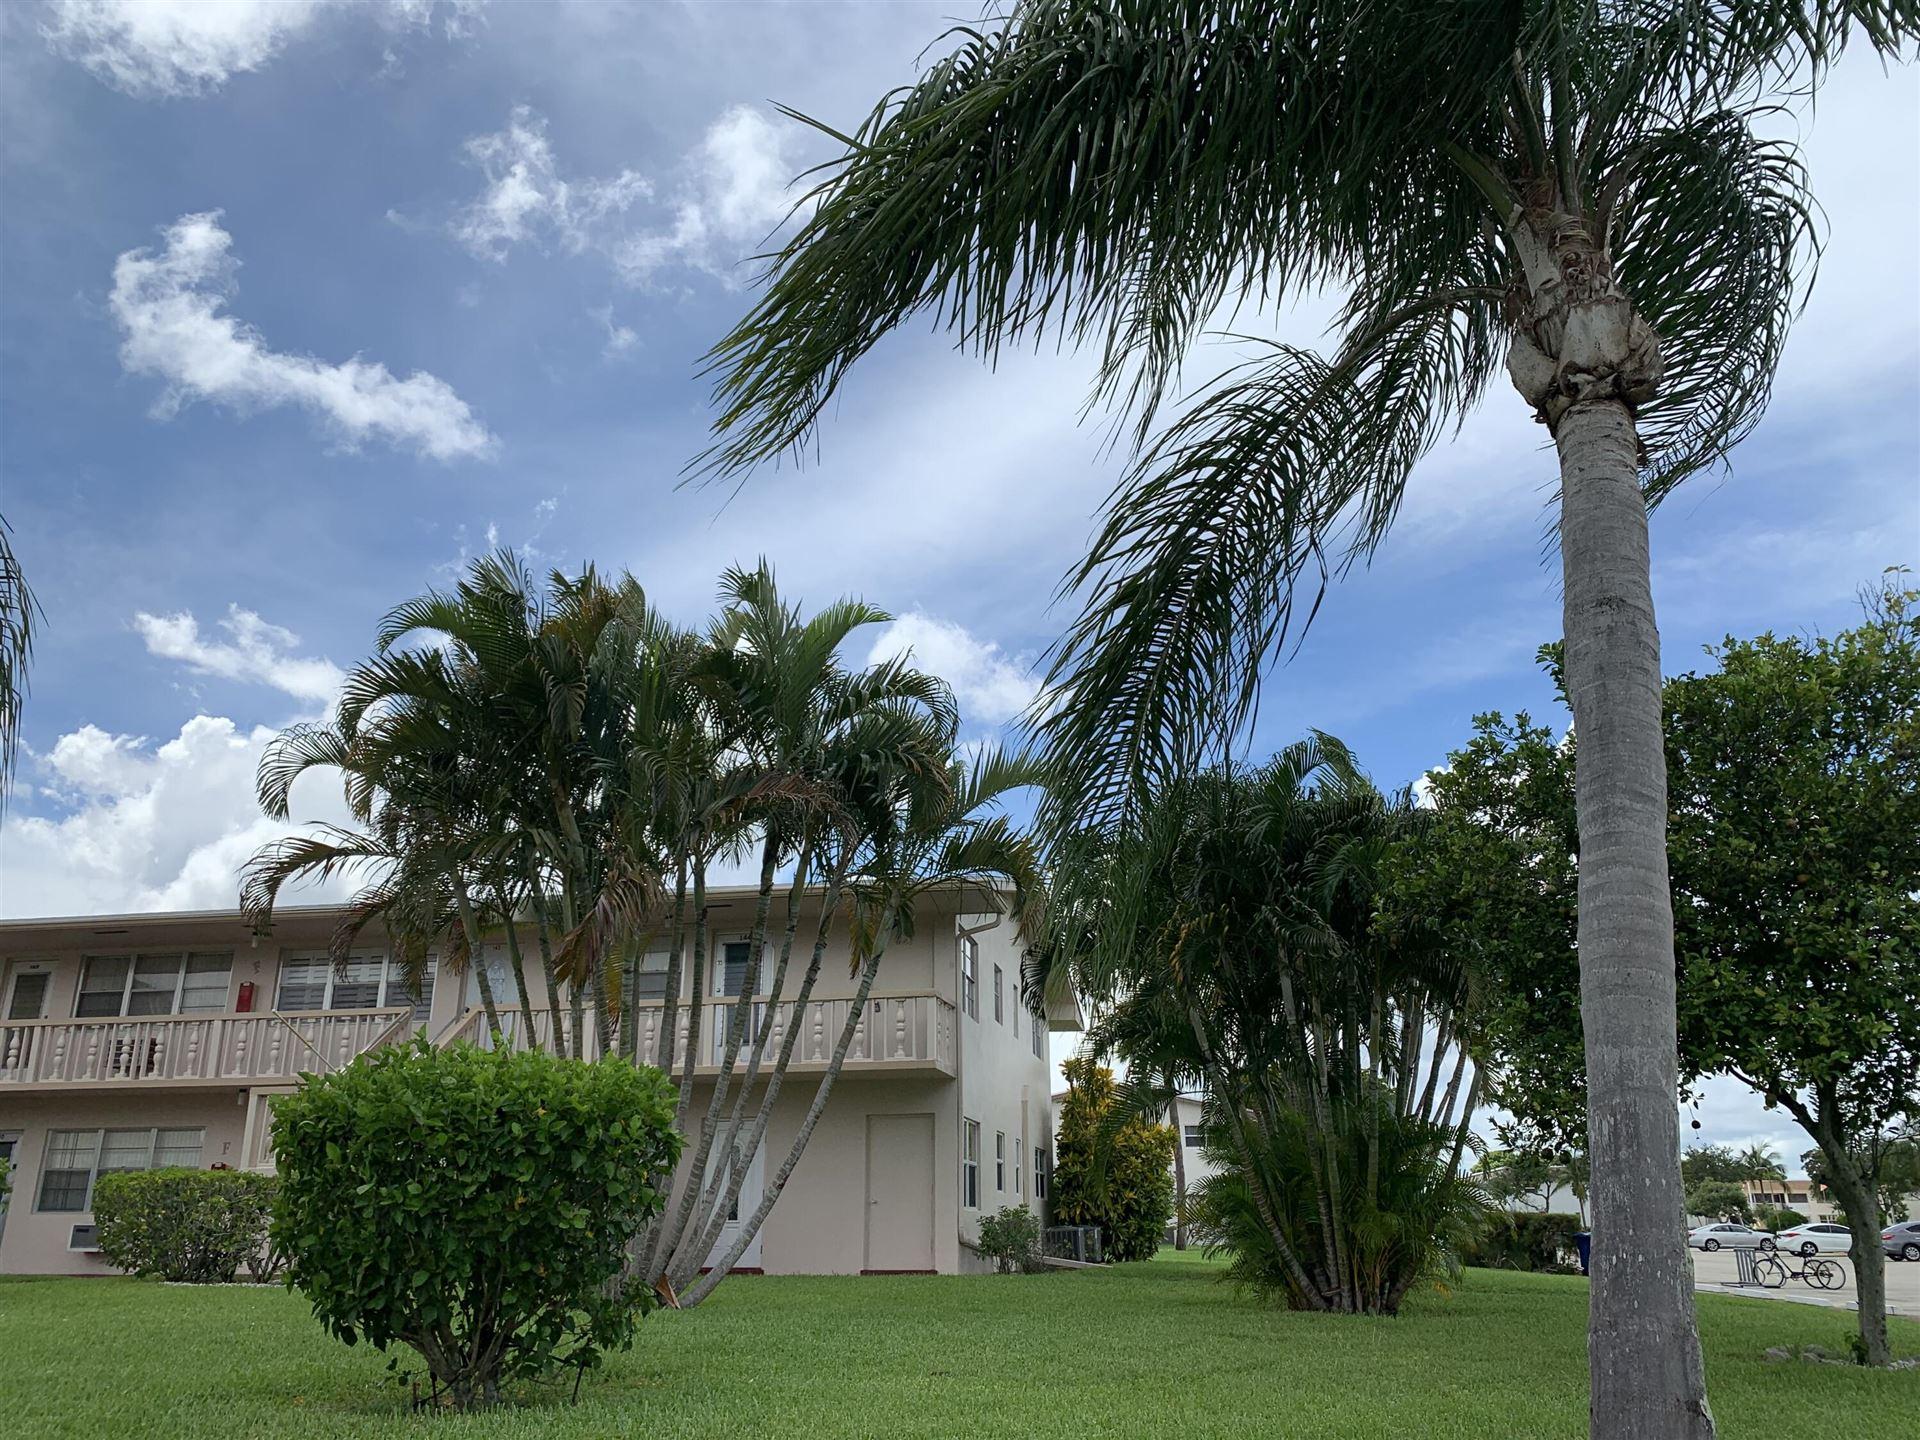 144 Waltham F #55+, West Palm Beach, FL 33417 - MLS#: RX-10745283